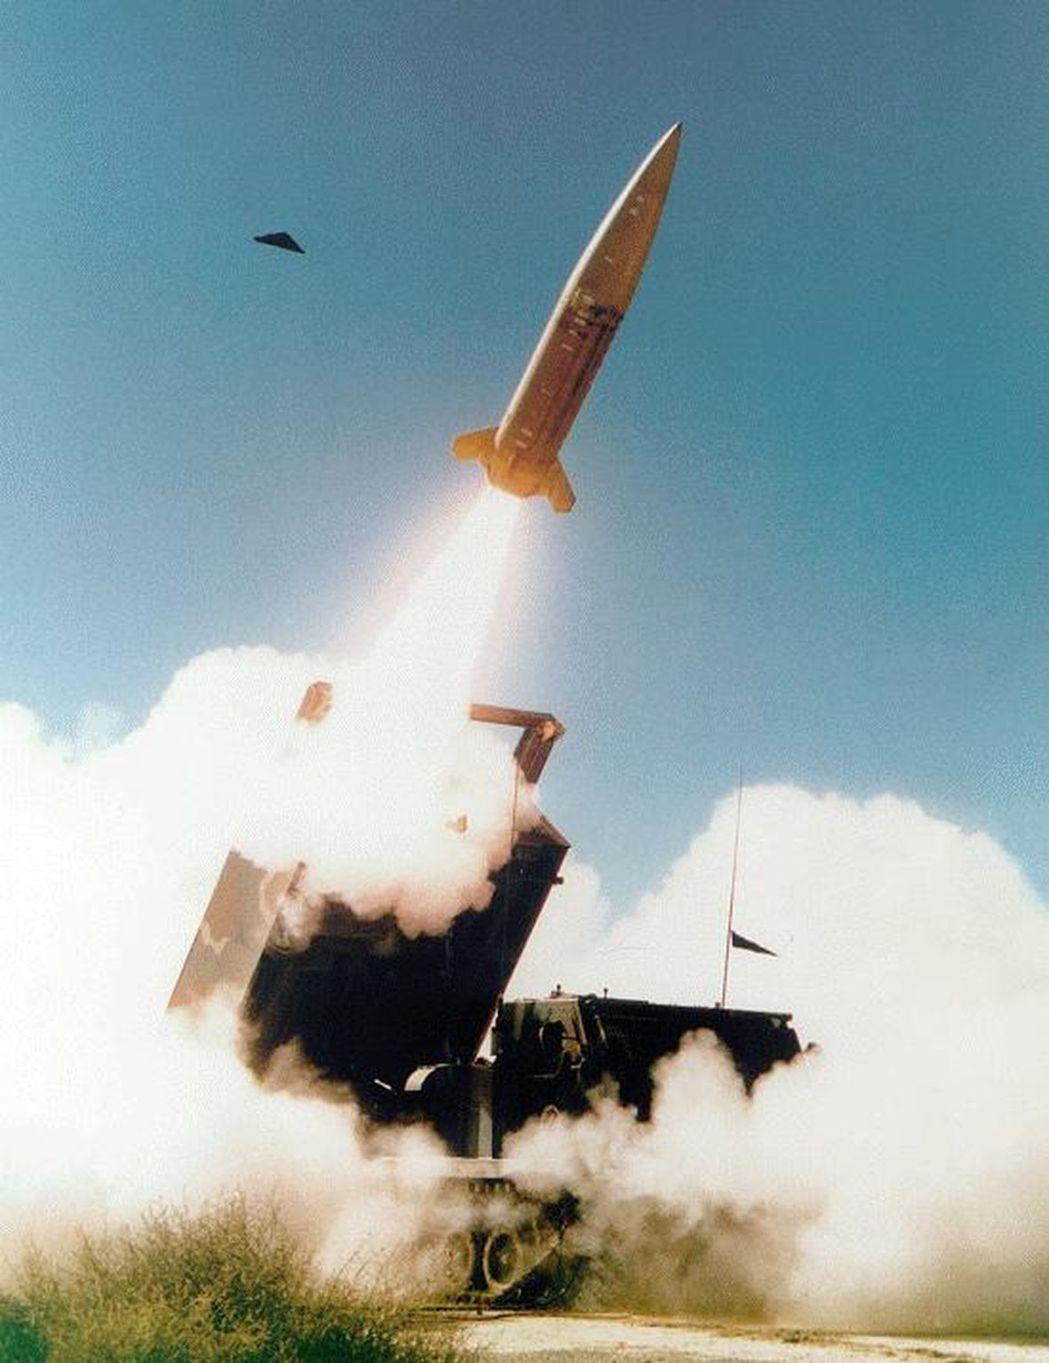 國軍高層希望陸軍建構比照美軍ATACMS陸基戰術導彈系統,以遠距打擊執行跨區支援...